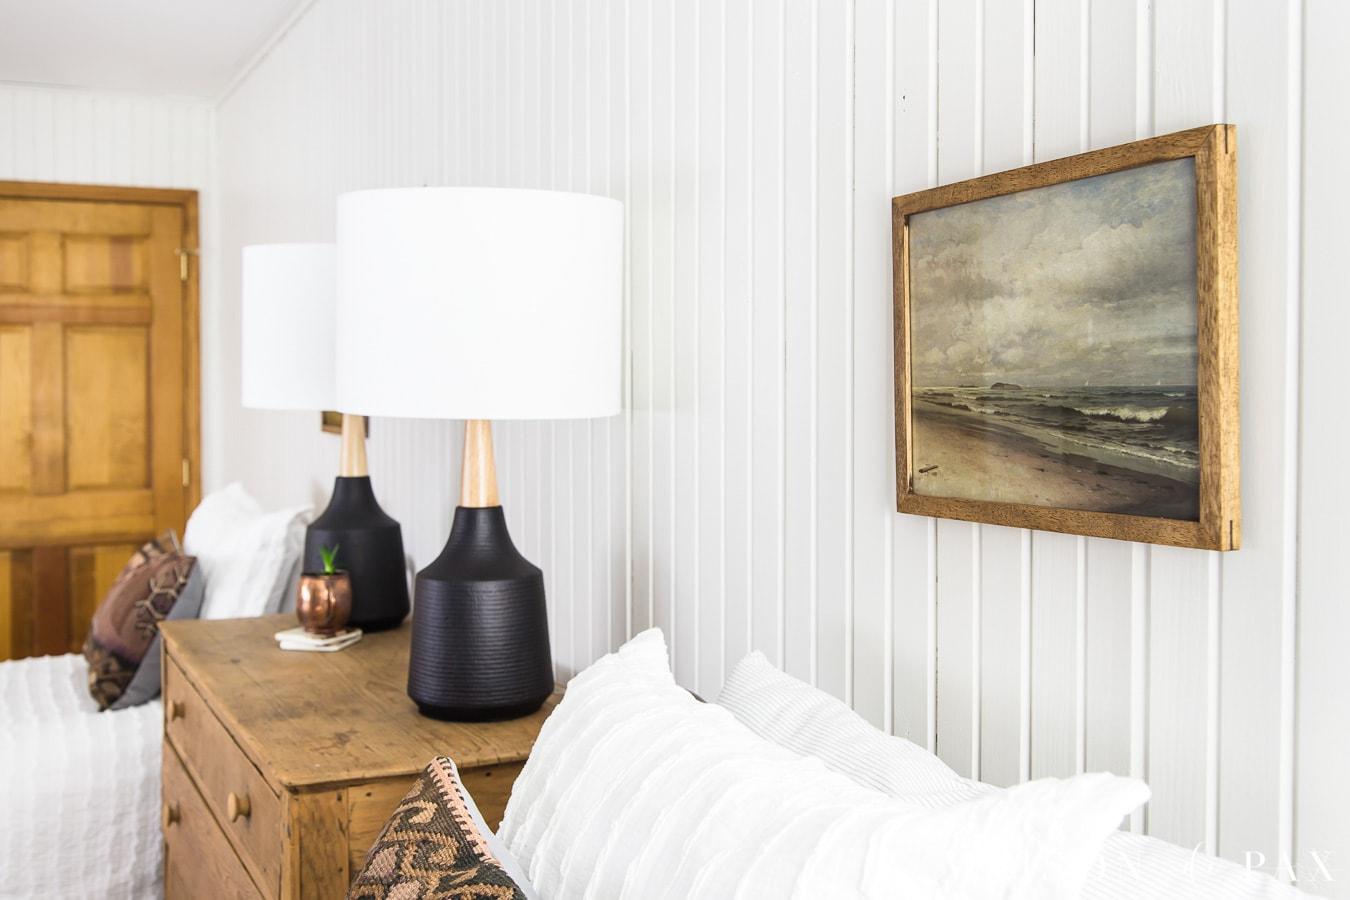 vintage beach landscape art above antique bed against white planked walls | maison de pax